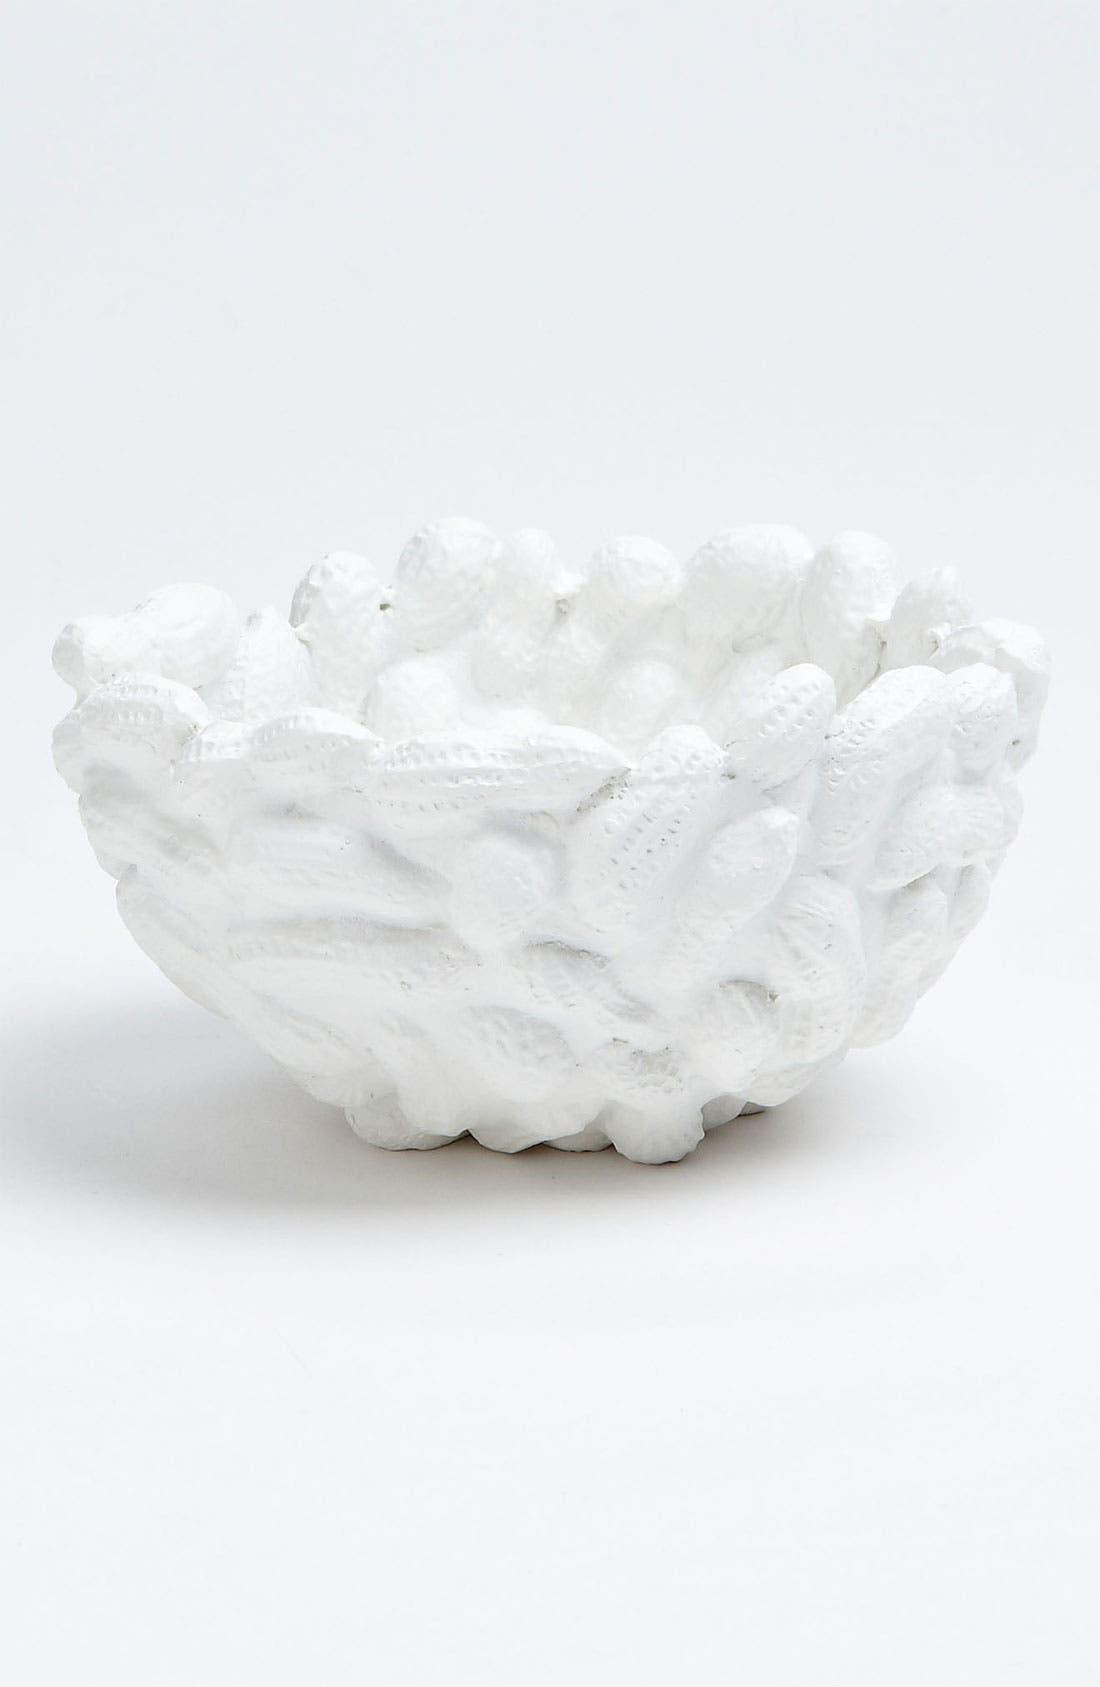 Main Image - Peanut Bowl